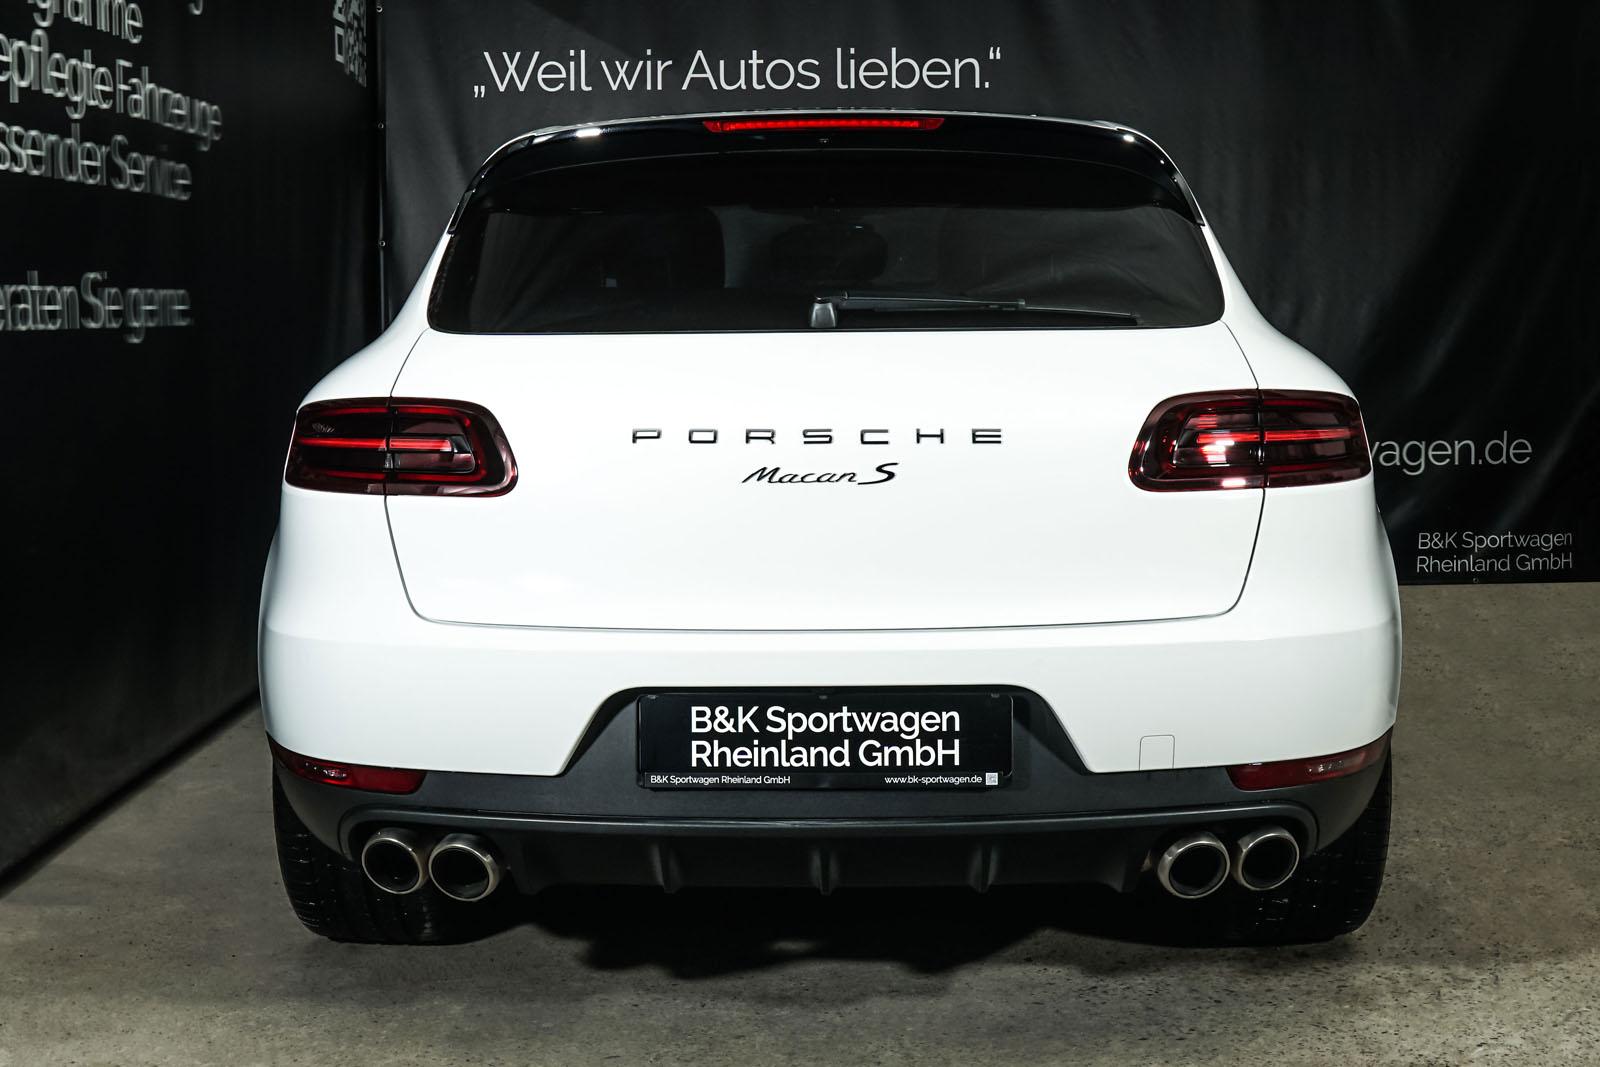 Porsche_Macan_S_Weiß_Schwarz_Por-3526_11_w